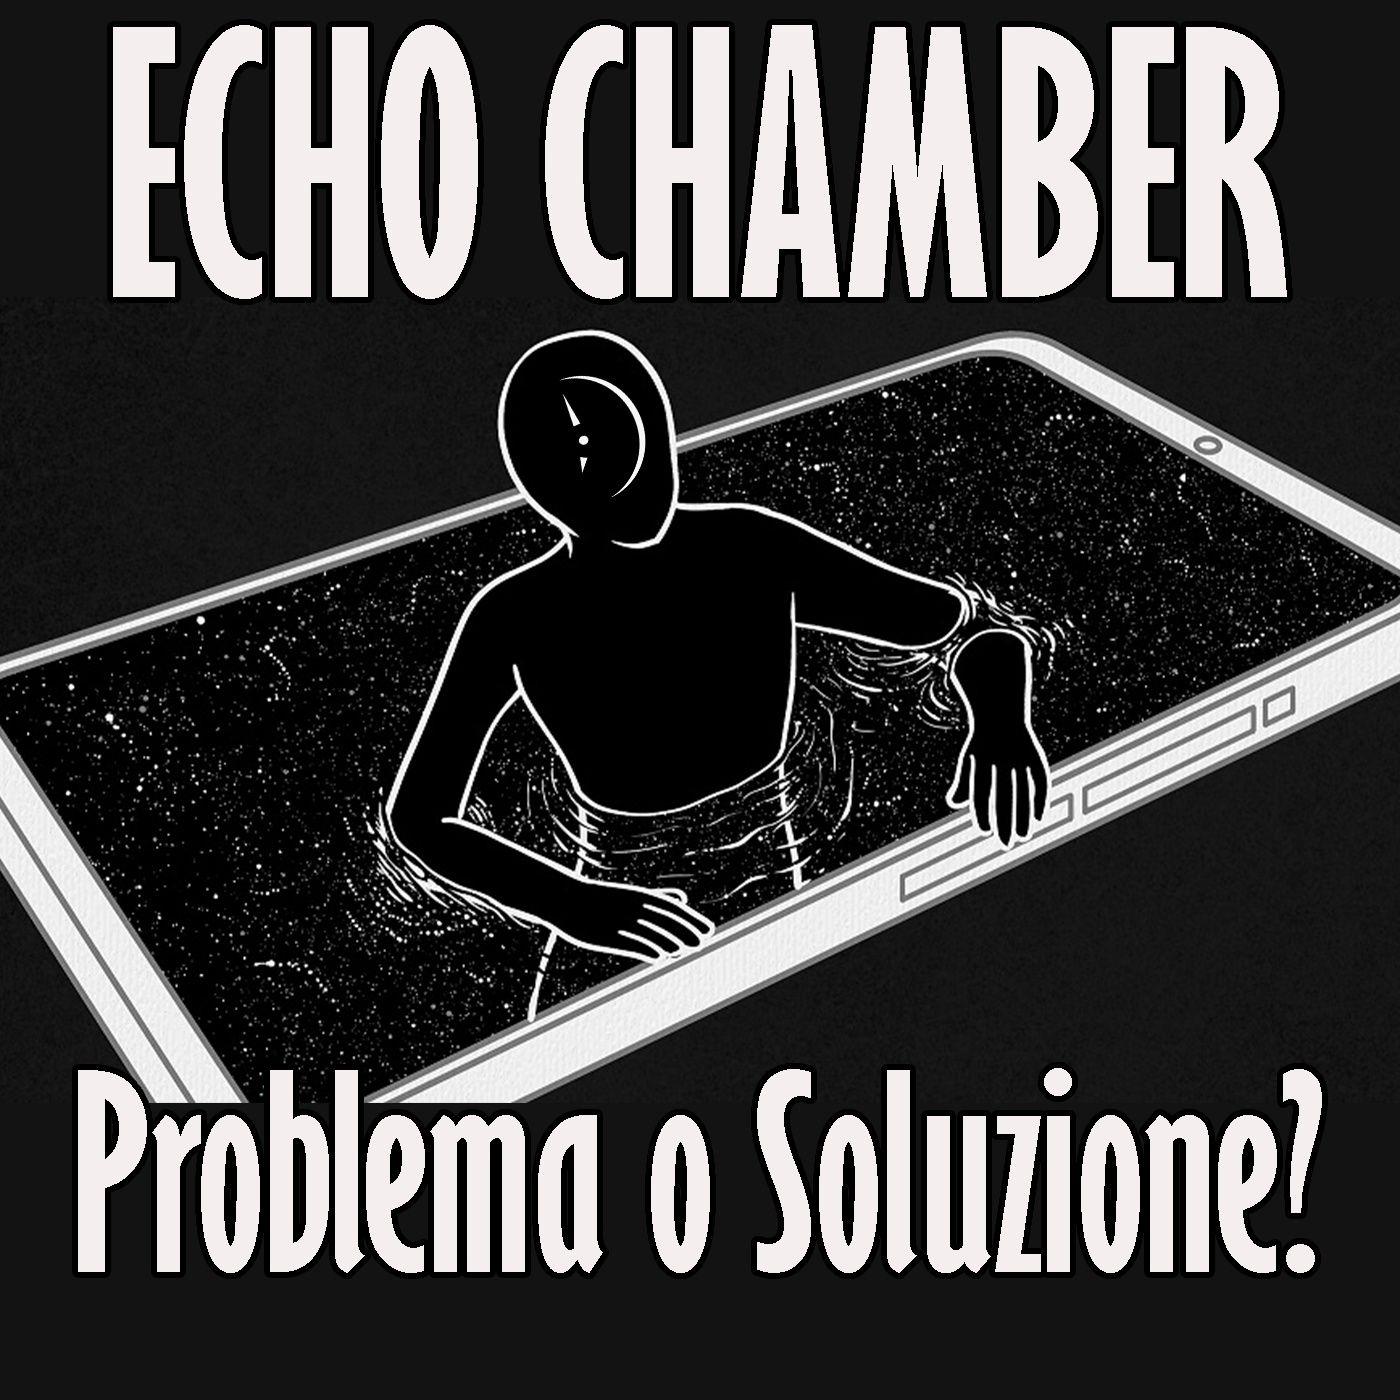 Le Echo Chamber: non un Problema, ma la Soluzione